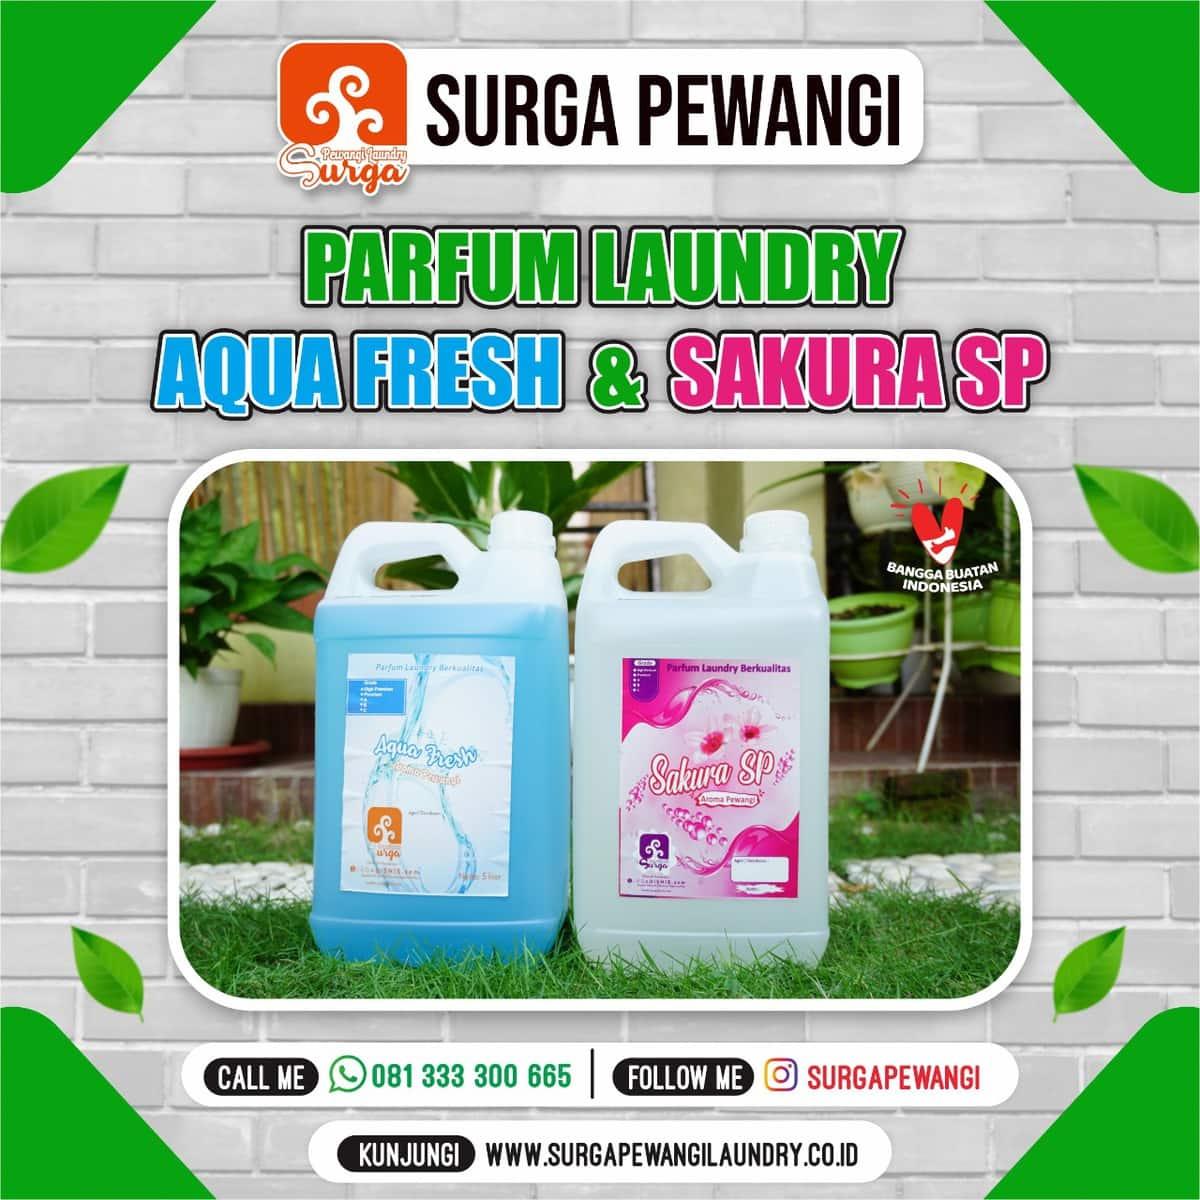 PHOTO 2020 11 26 08 25 23 2 - Bukan Pecinta Parfum Laundry Paling Wangi Kalau Belum Tau Varian Ini